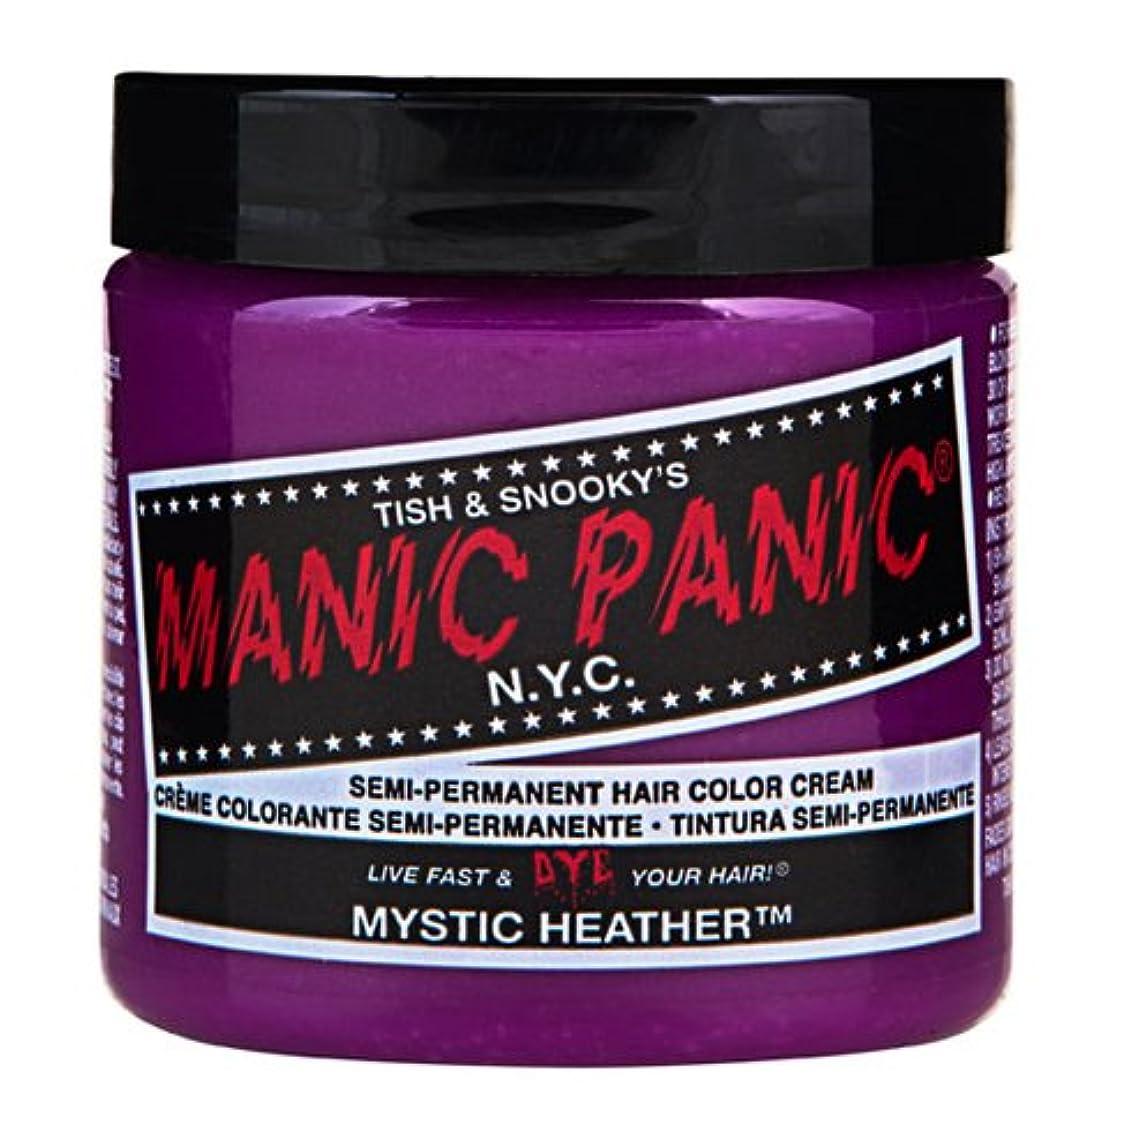 エミュレーションオーナー変装スペシャルセットMANIC PANICマニックパニック:Mystic Heather (ミスティック ヘザー)+ヘアカラーケア4点セット